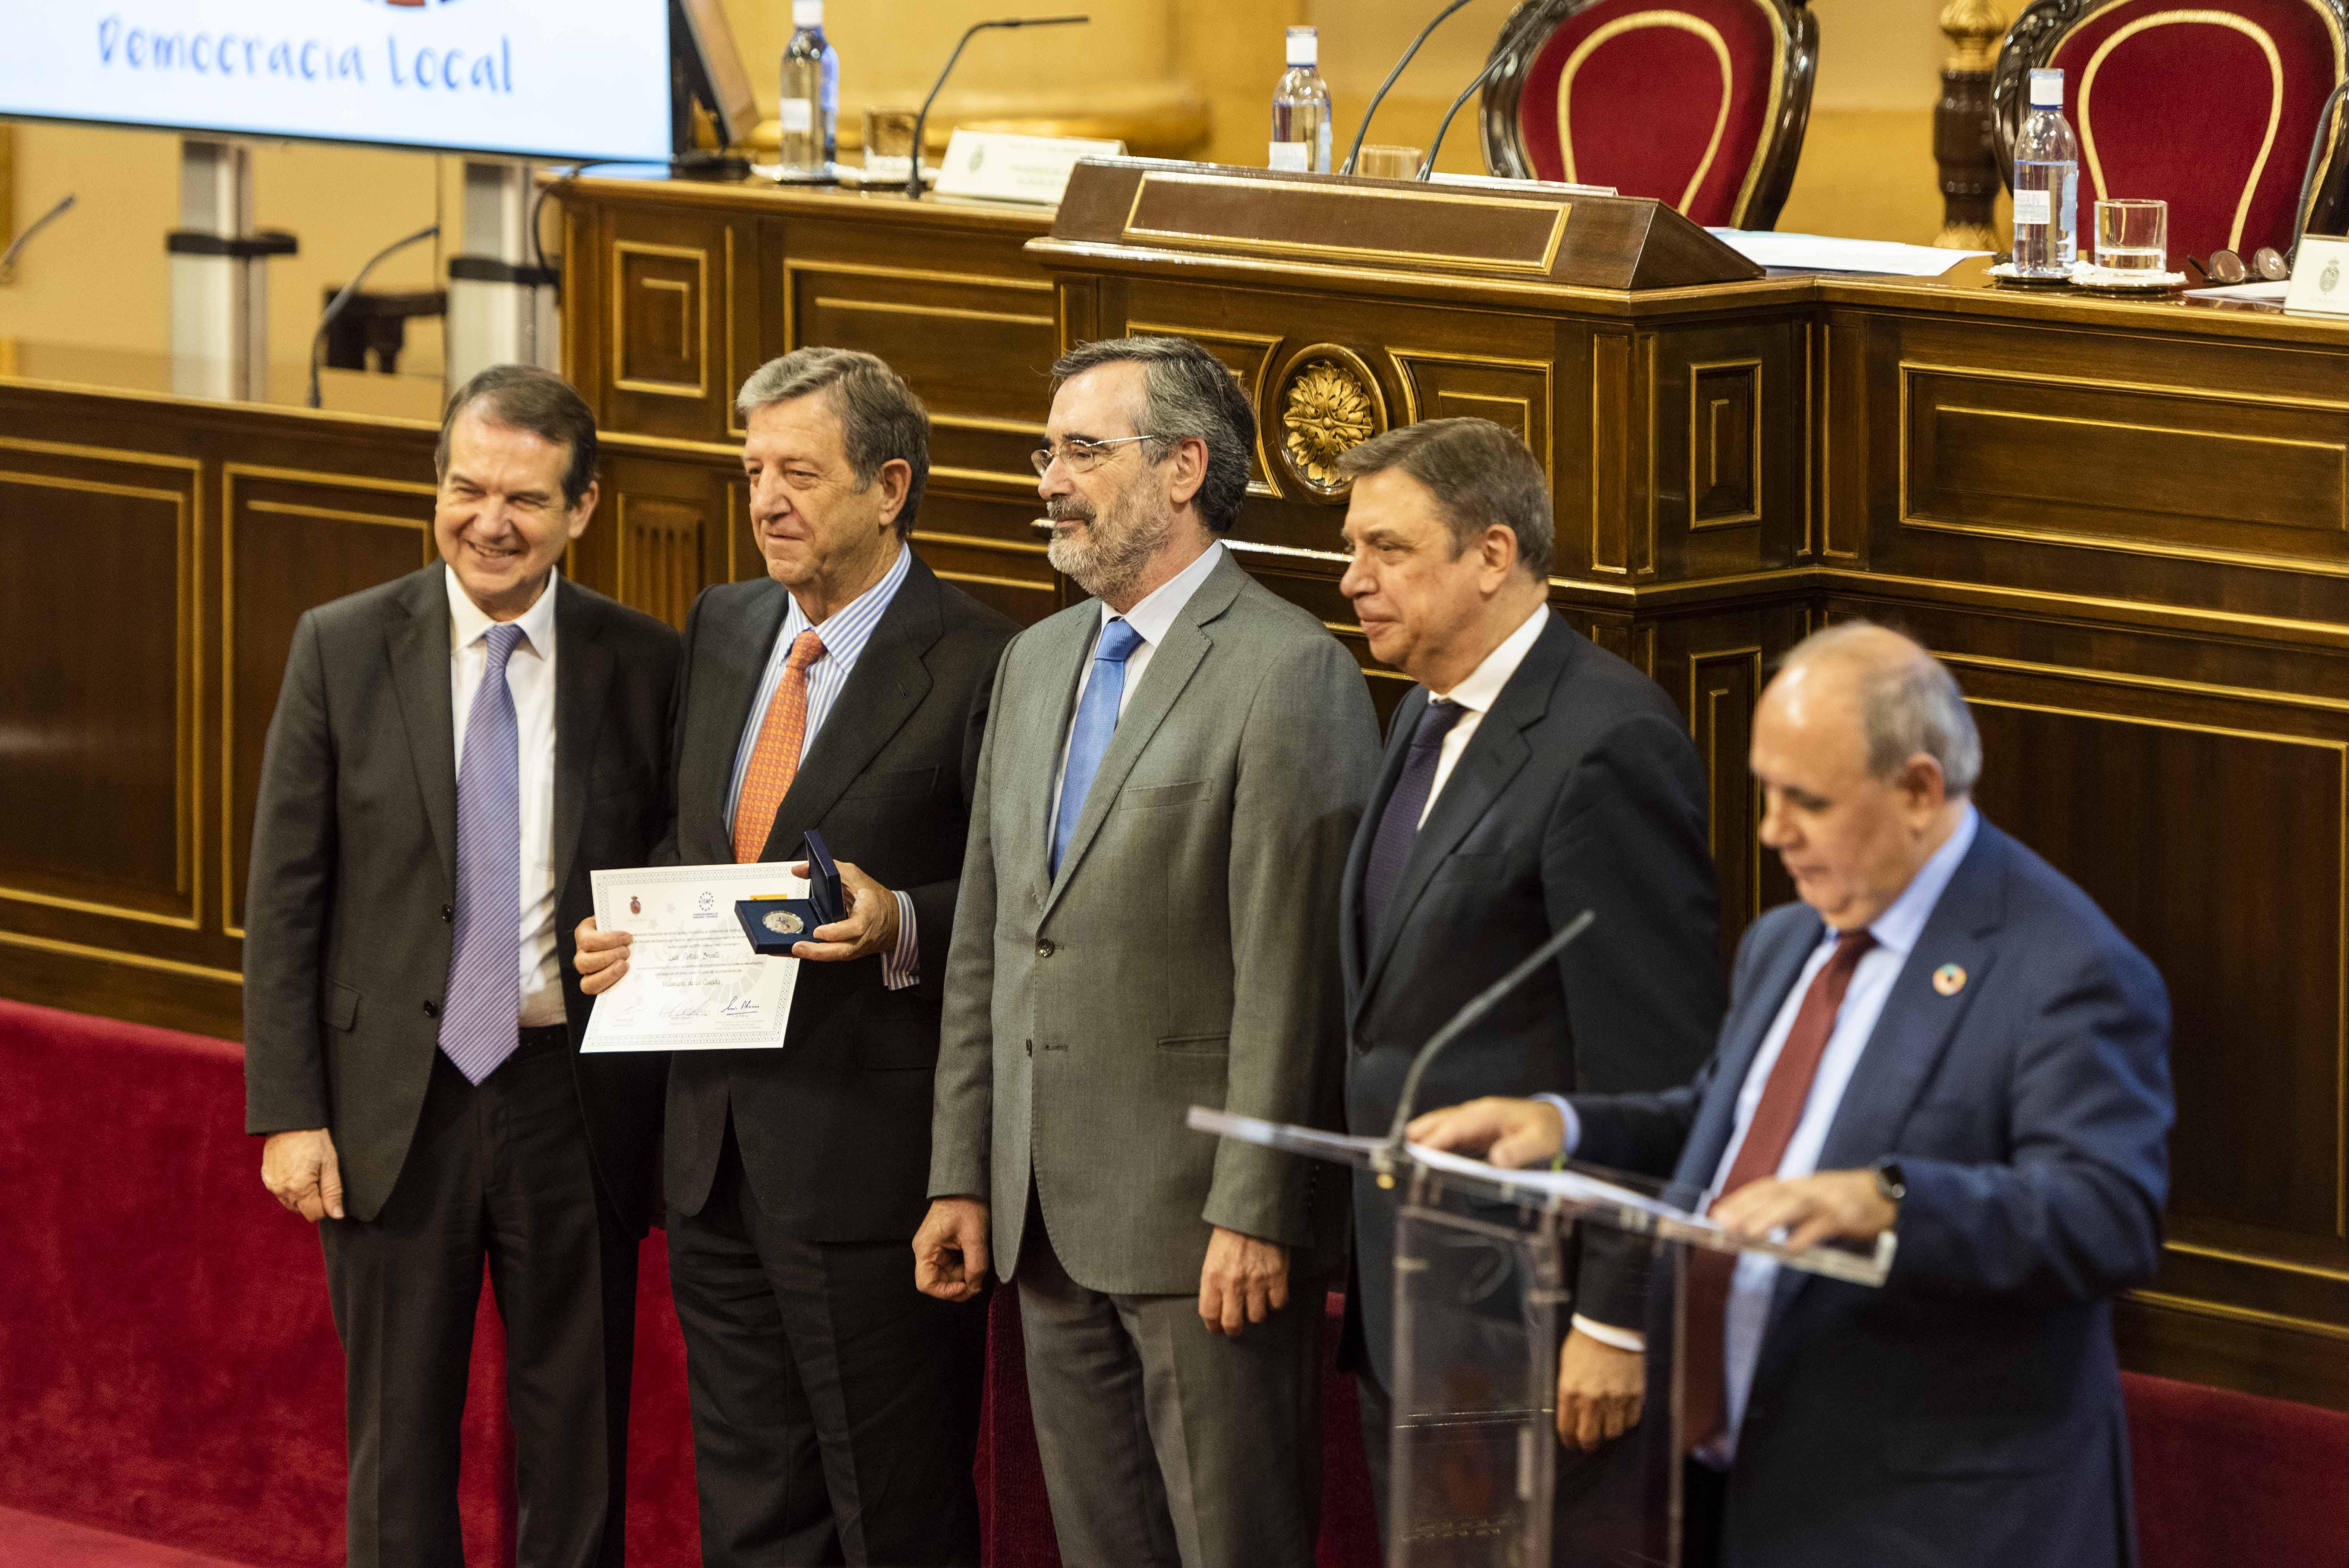 Imagen del Acto de Homenaje al Municipalismo celebrado en el Senado.